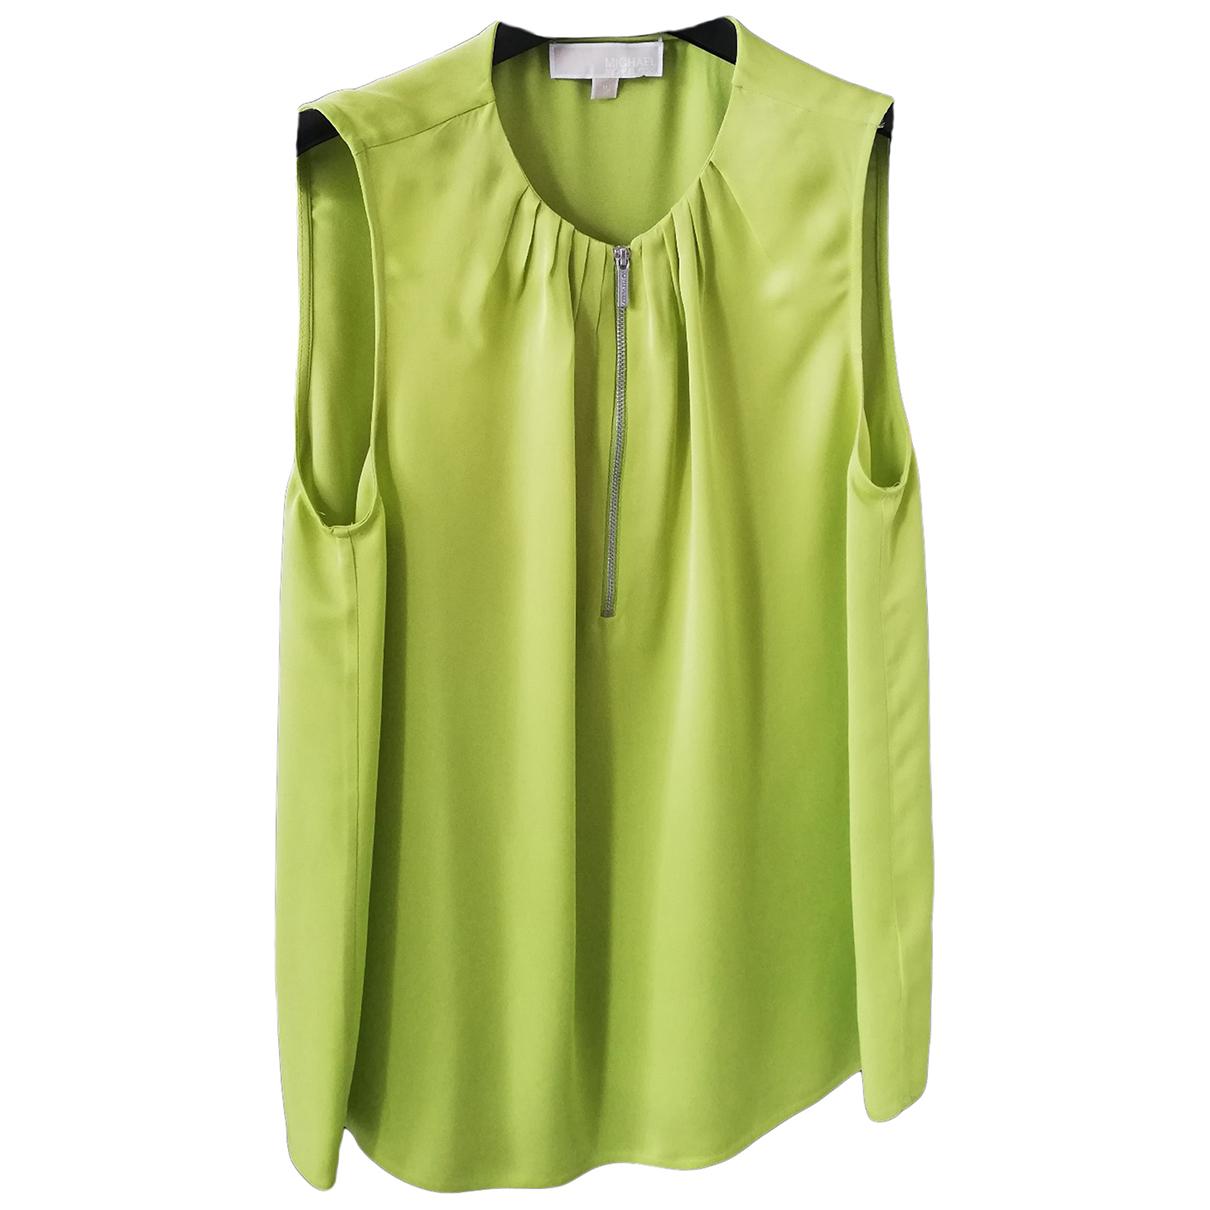 Michael Kors - Top   pour femme en soie - vert